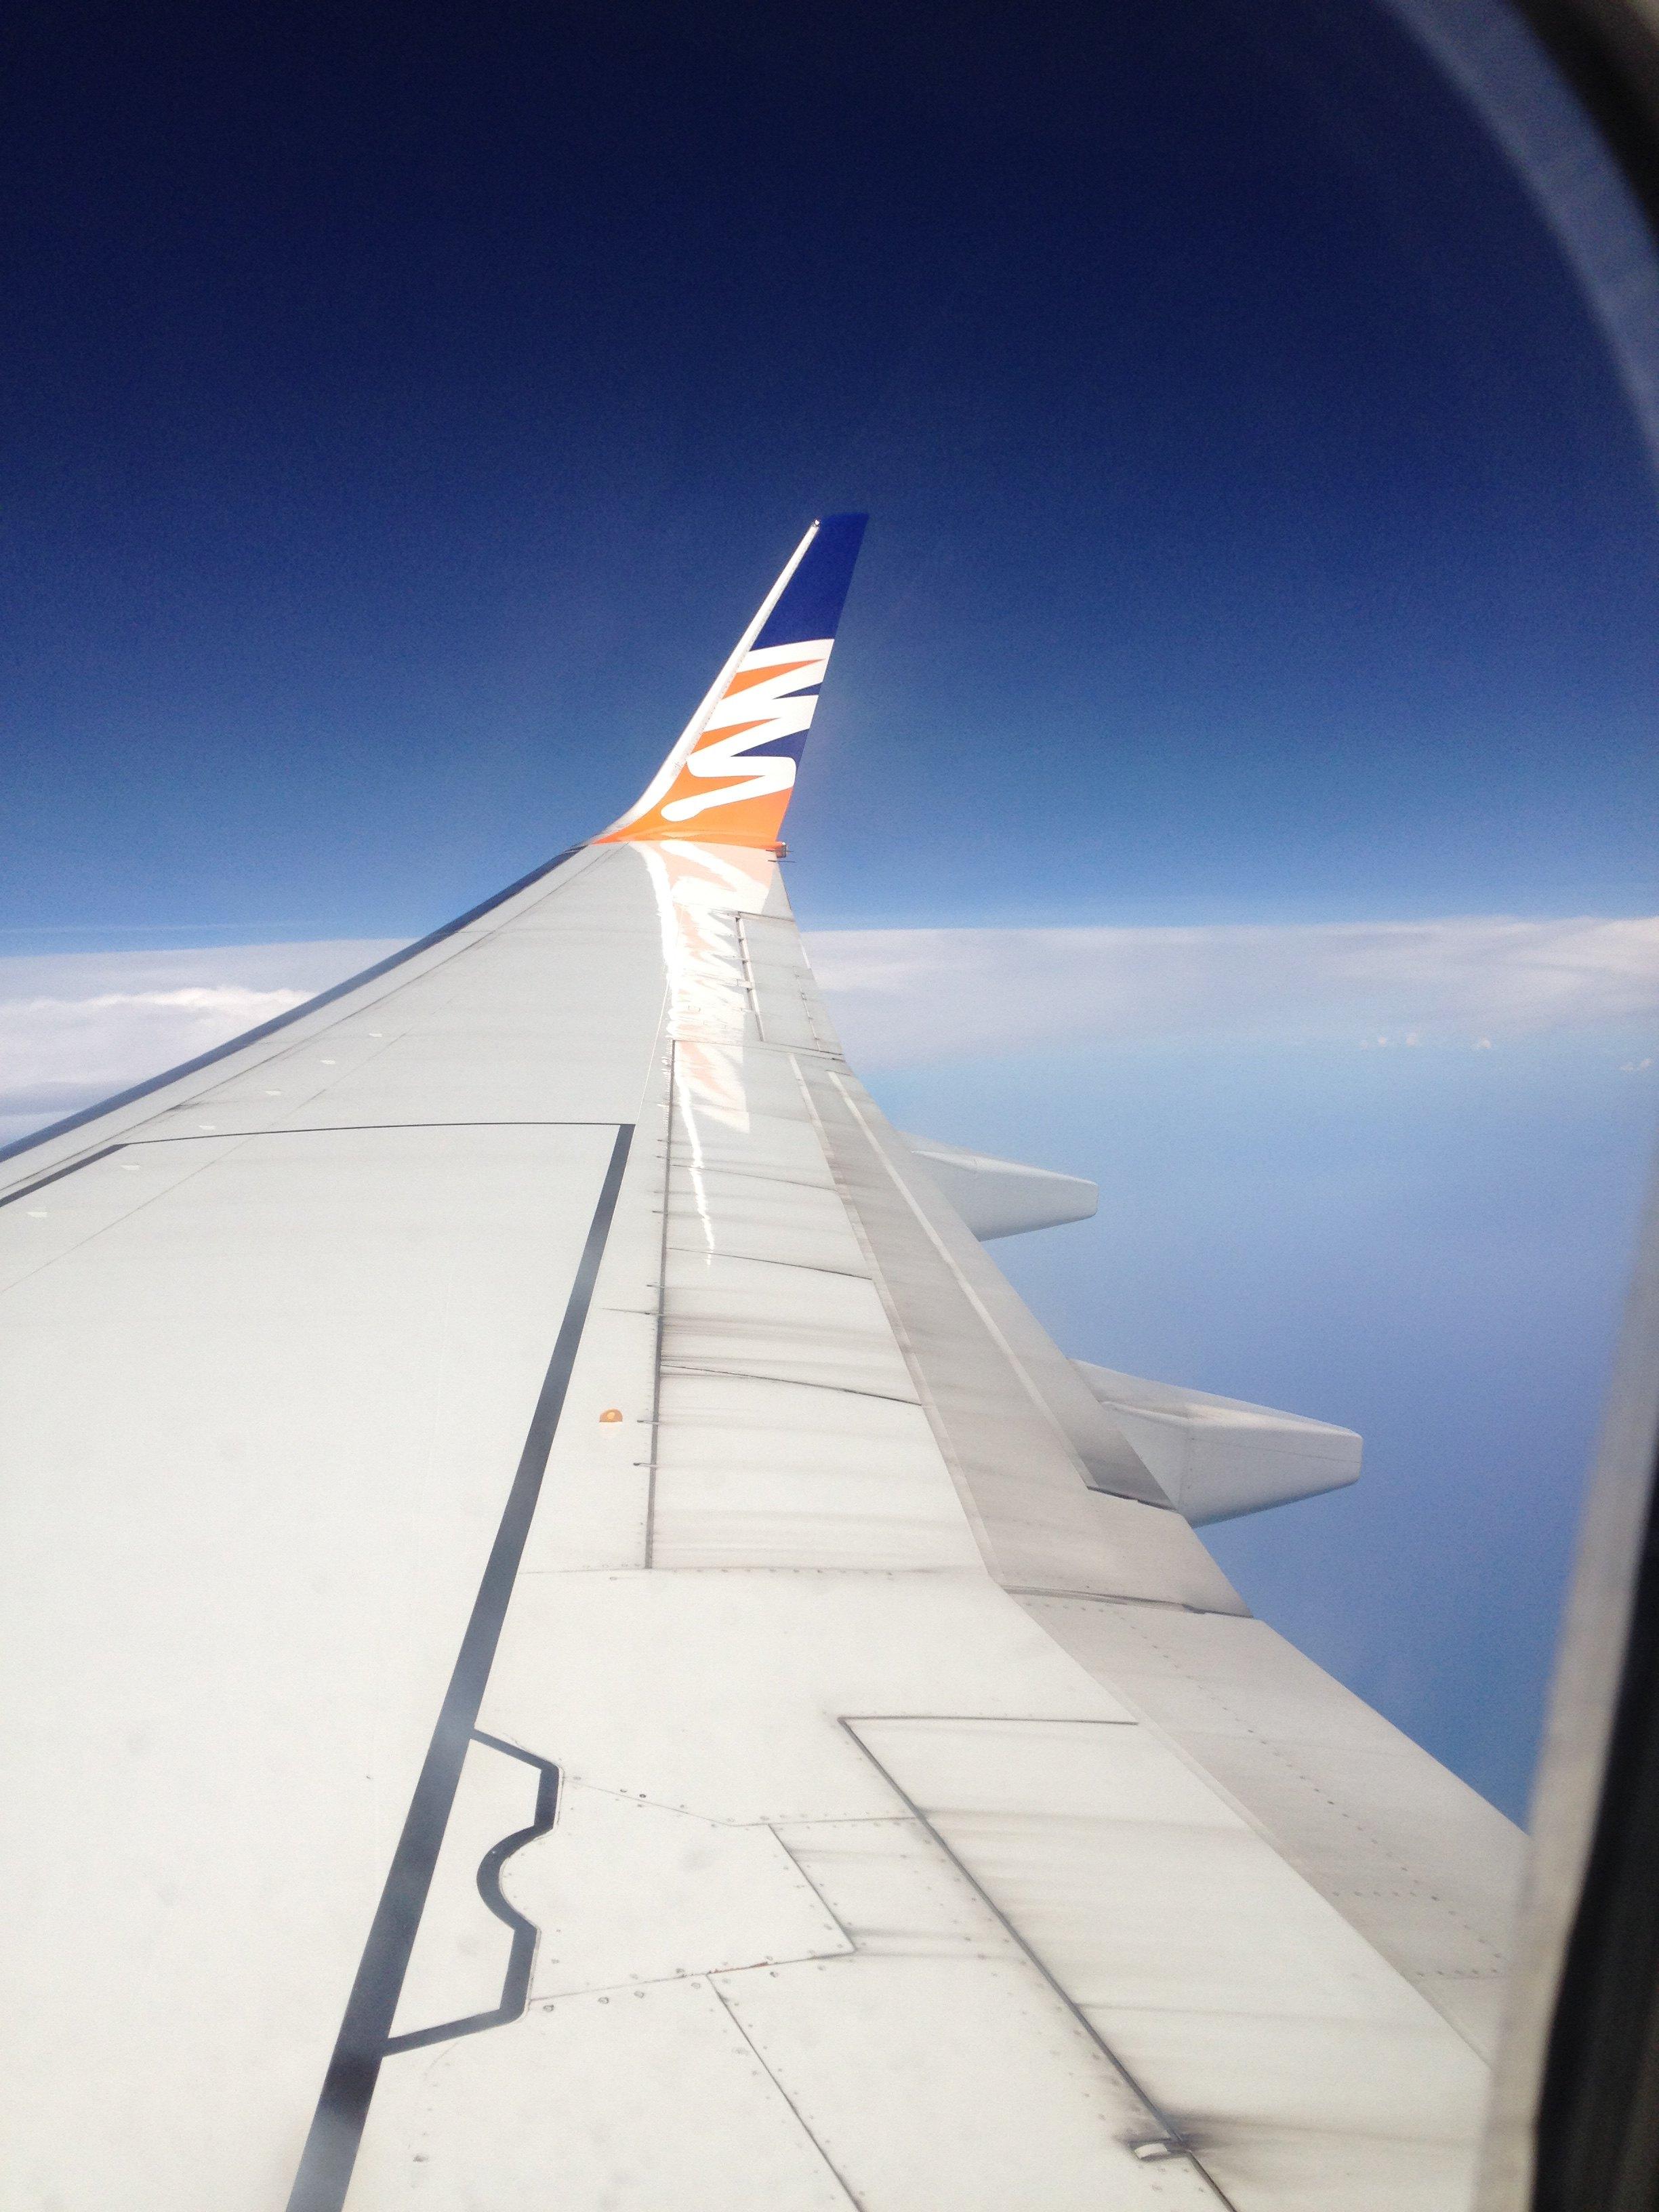 飞机哪个座位风景好